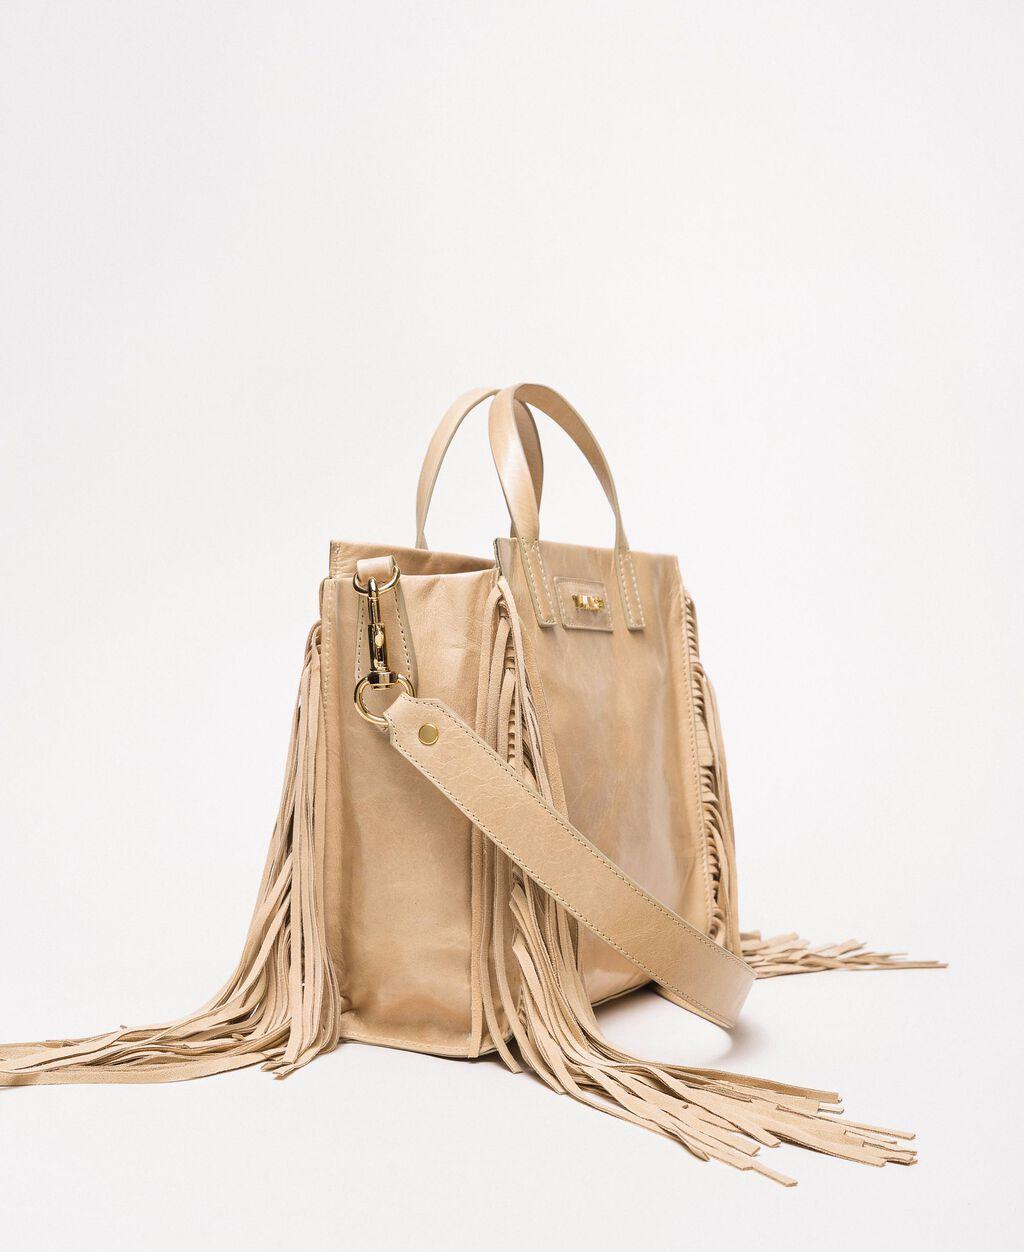 Medium leather shopper with fringes